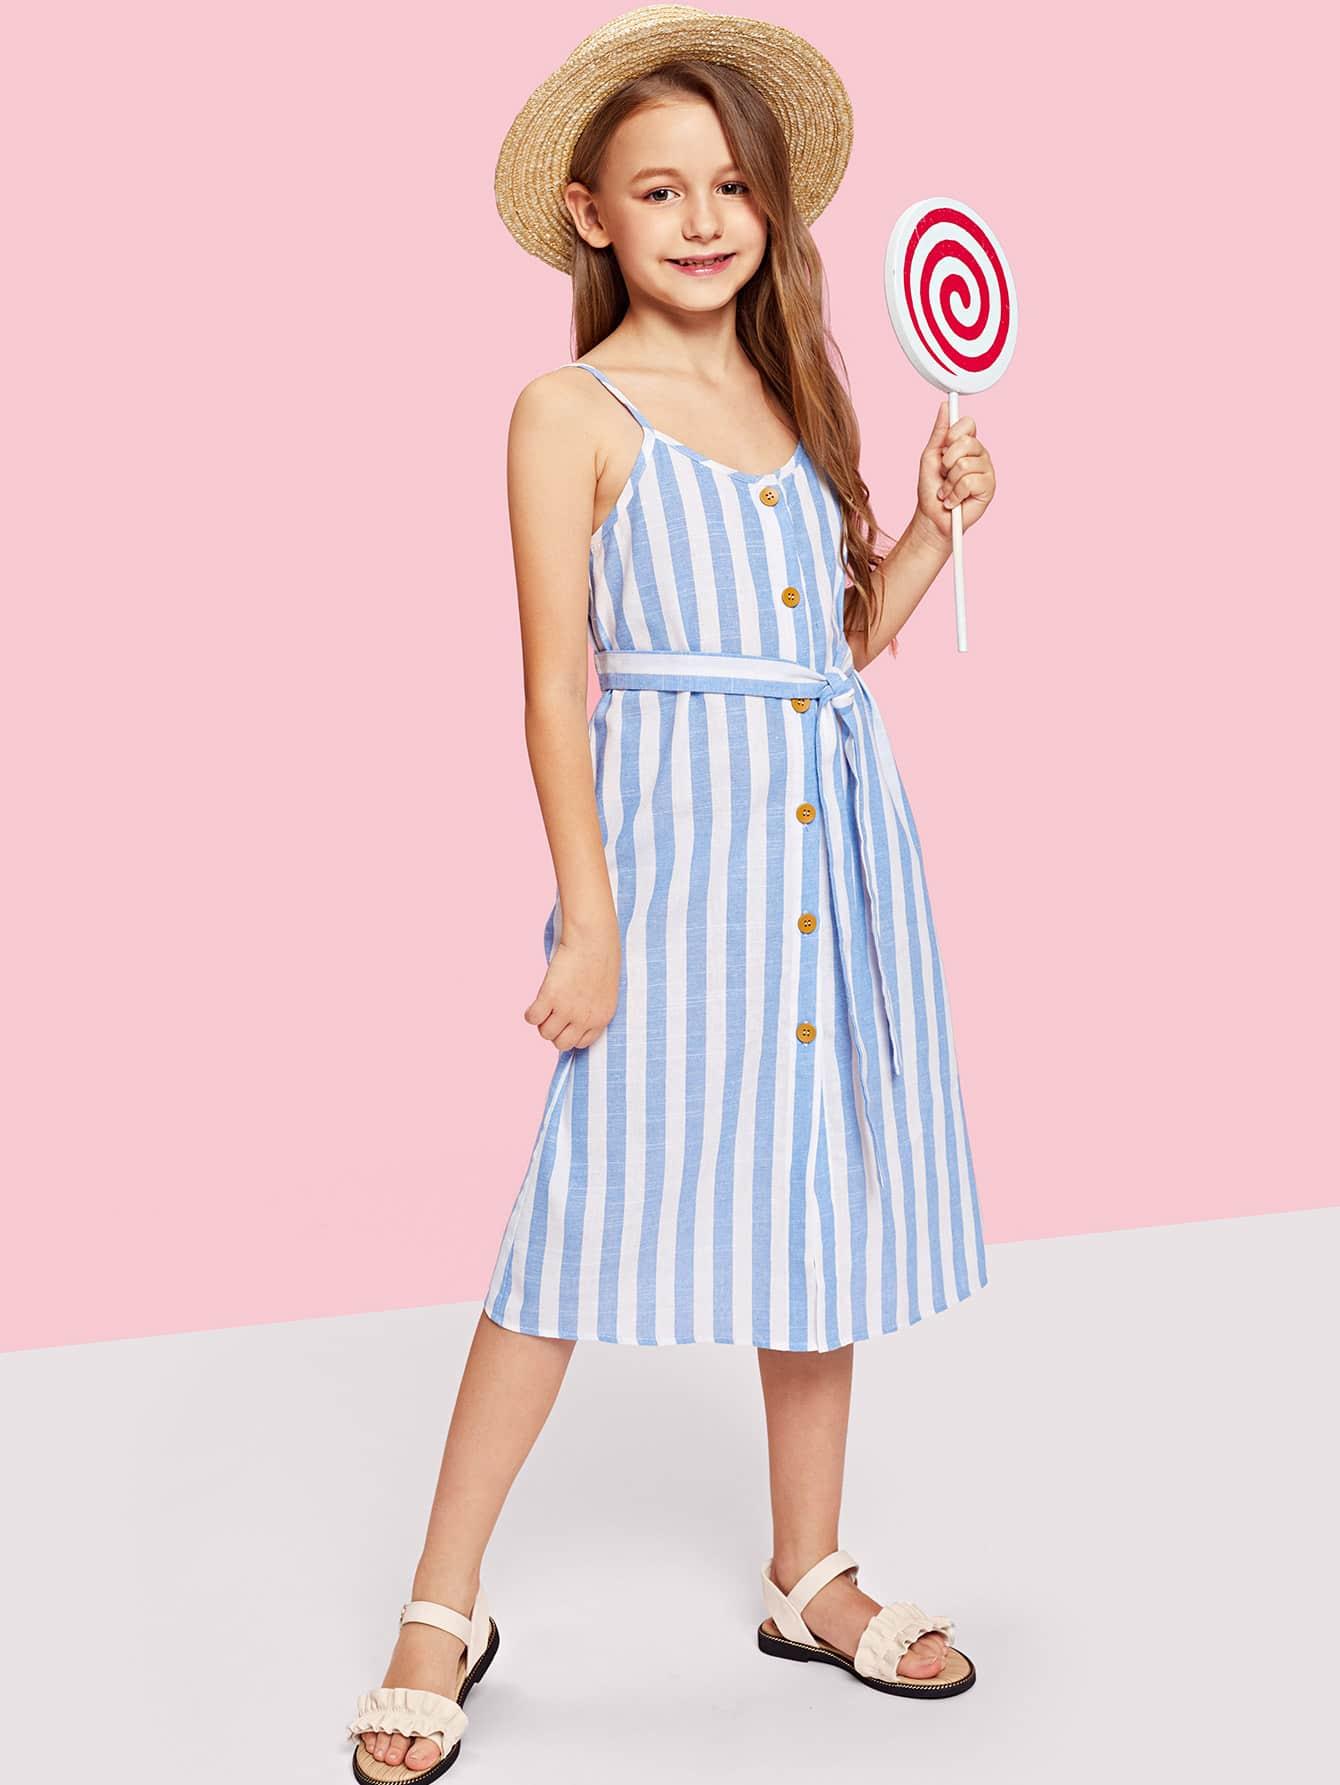 Купить Полосатая платье с украшением пуговиц и пояса для девочки, null, SheIn